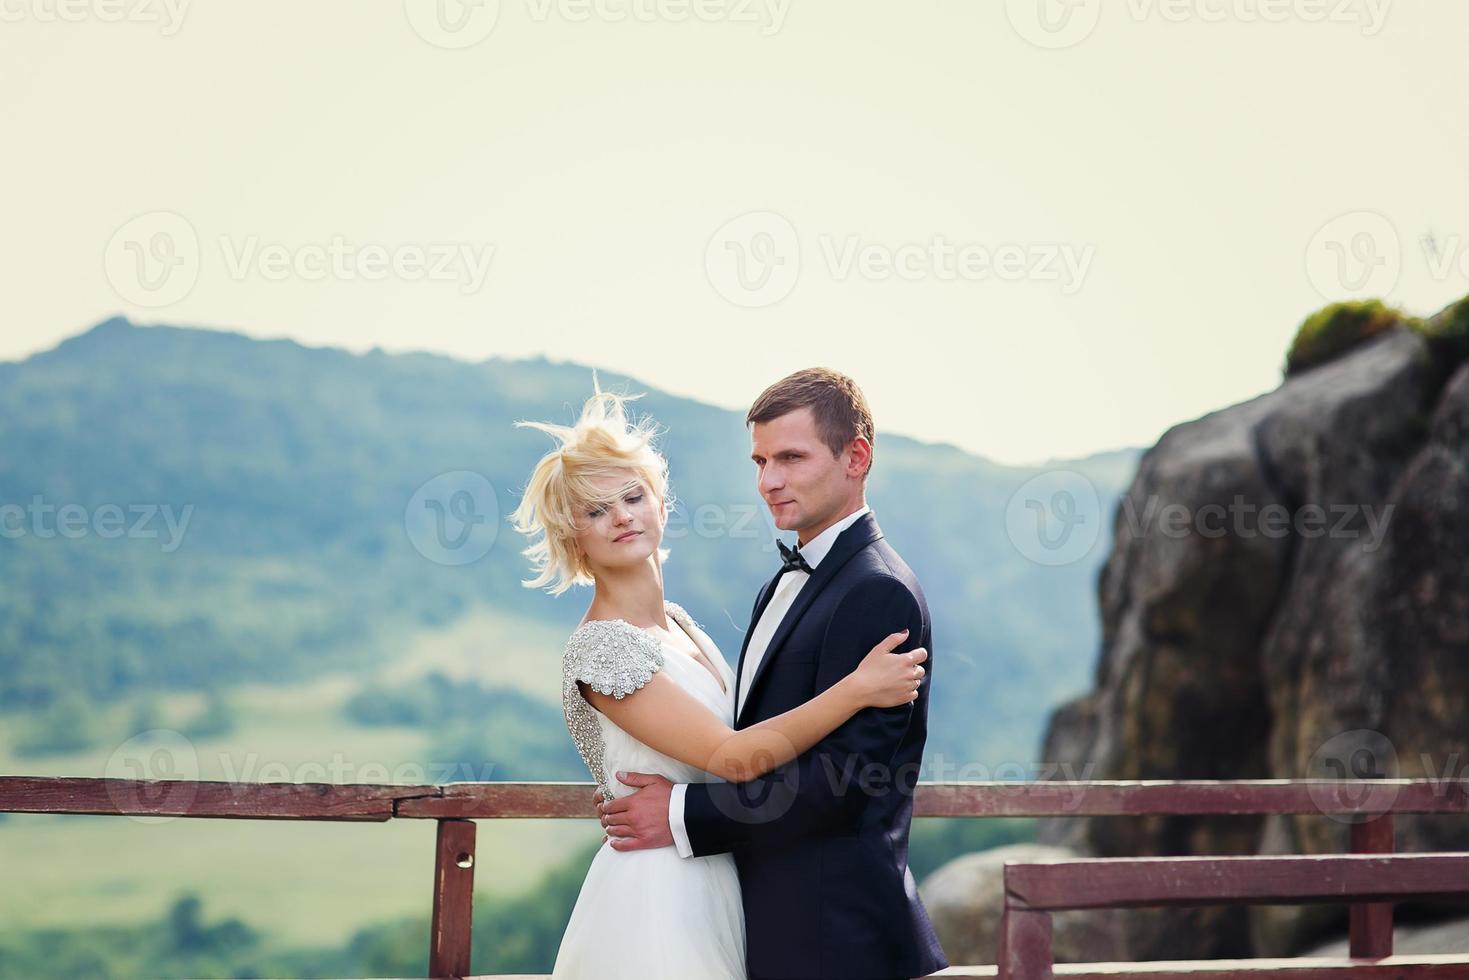 Hochzeitspaar posiert vor dem Hintergrund des Berges. Brid foto